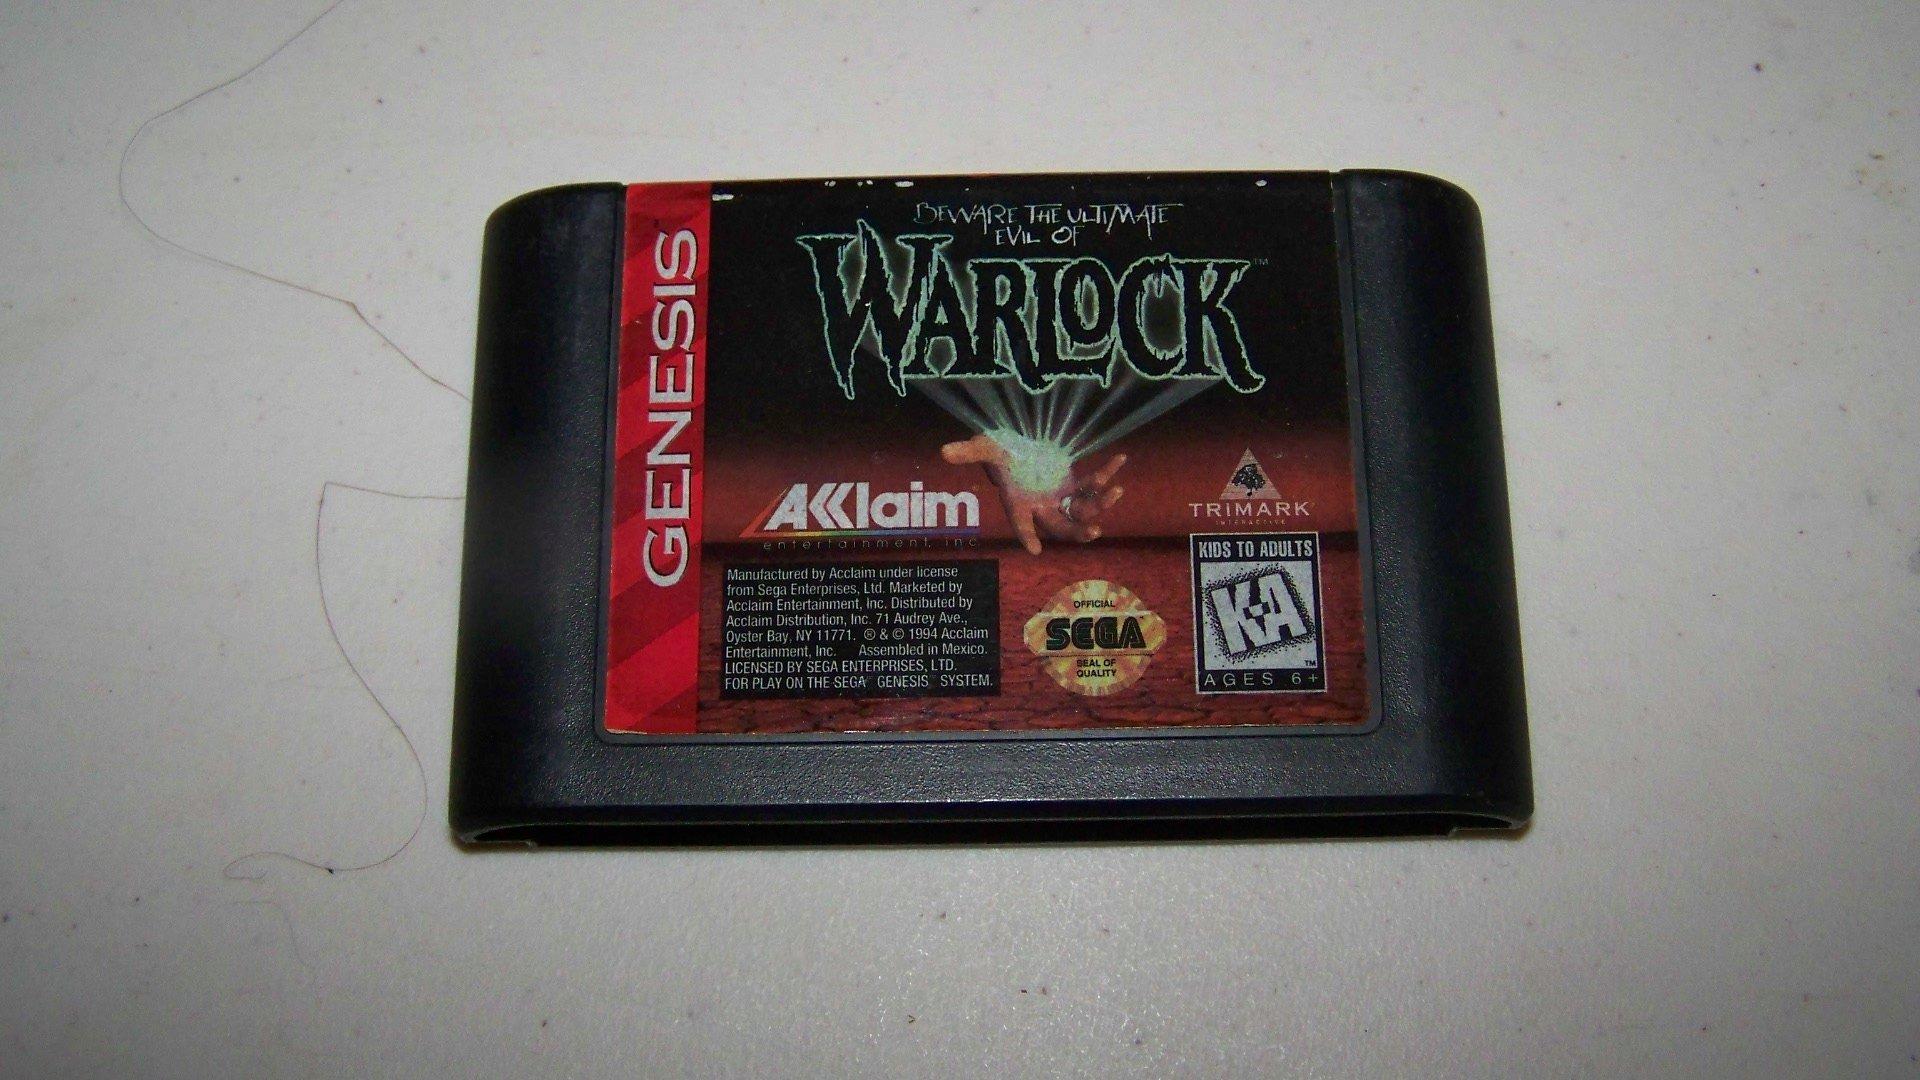 Amazon.com: Warlock - Sega Genesis: Video Games